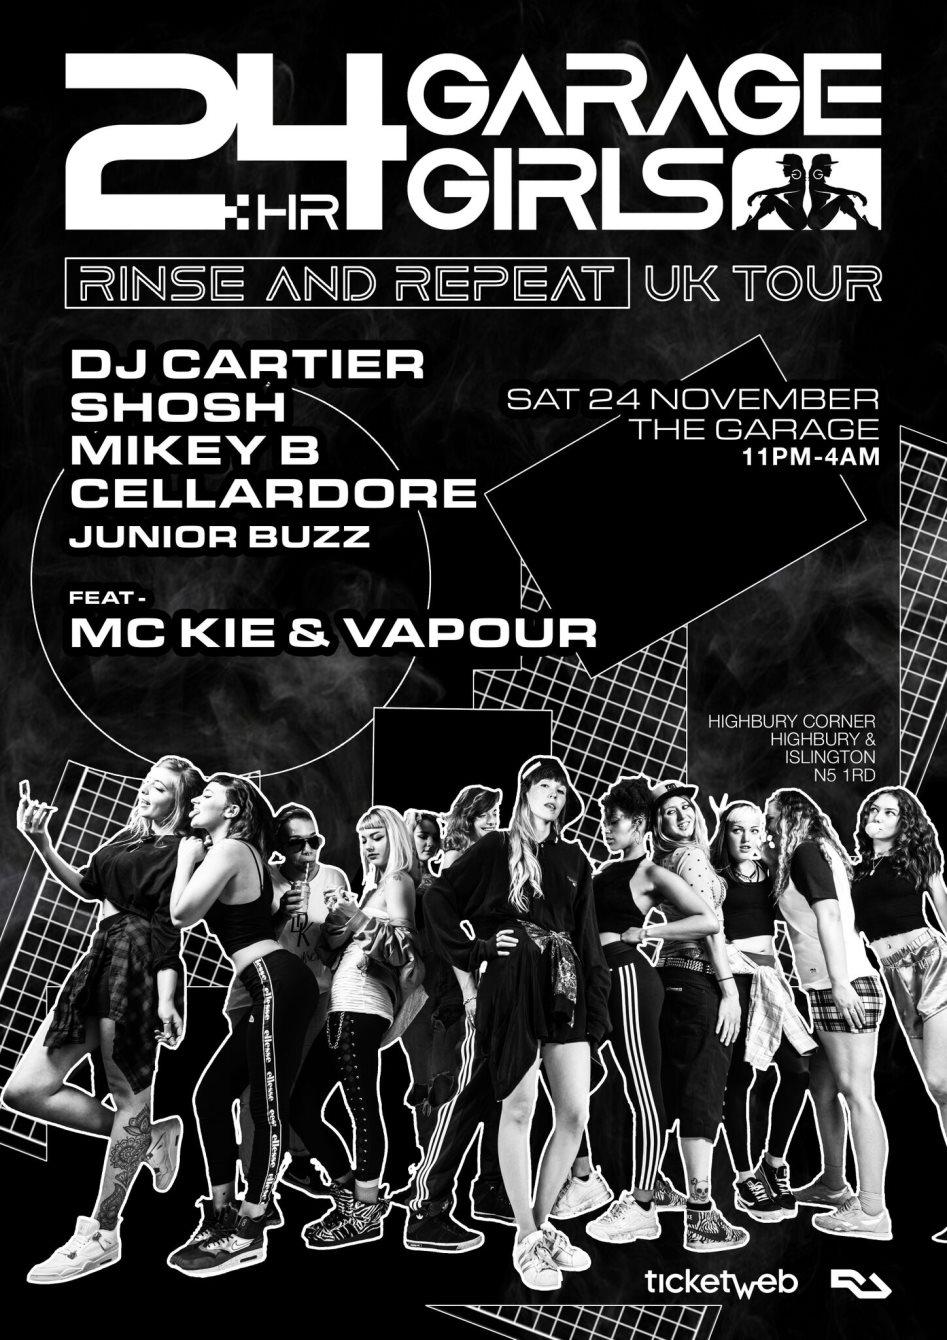 RA: 24hr Garage Girls at The Garage, London (2018)